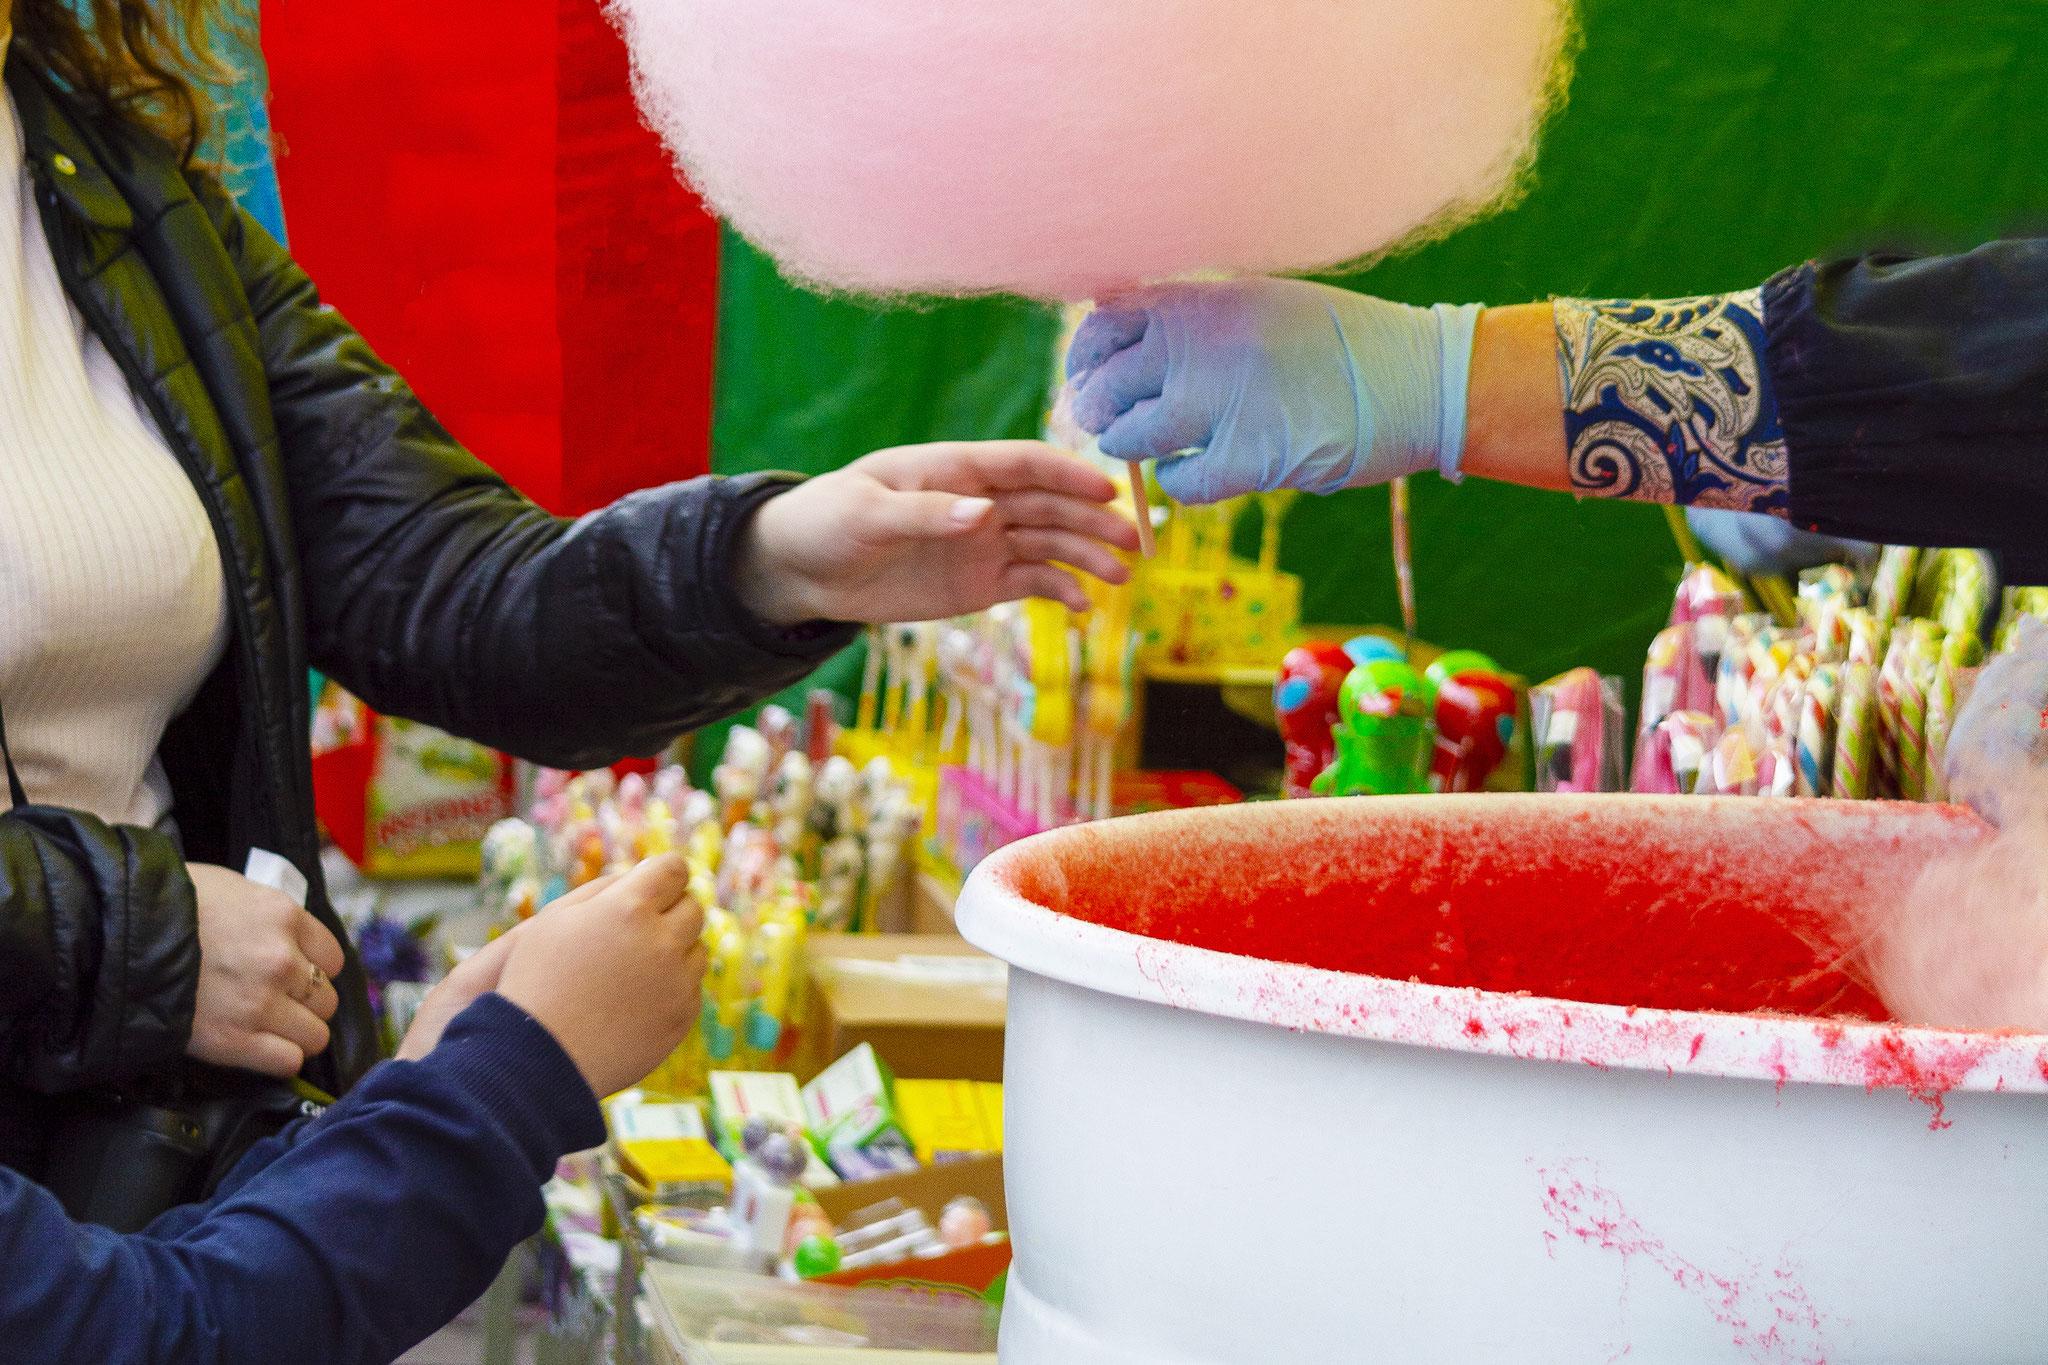 Sa, 30. November, 13 bis 19 Uhr: Weihnachtsmarkt Marzahn-Nord, Abenteuerspielplatz Wicke, Schorfheidestraße 62 | © Николай Глухов, Adobe Stock